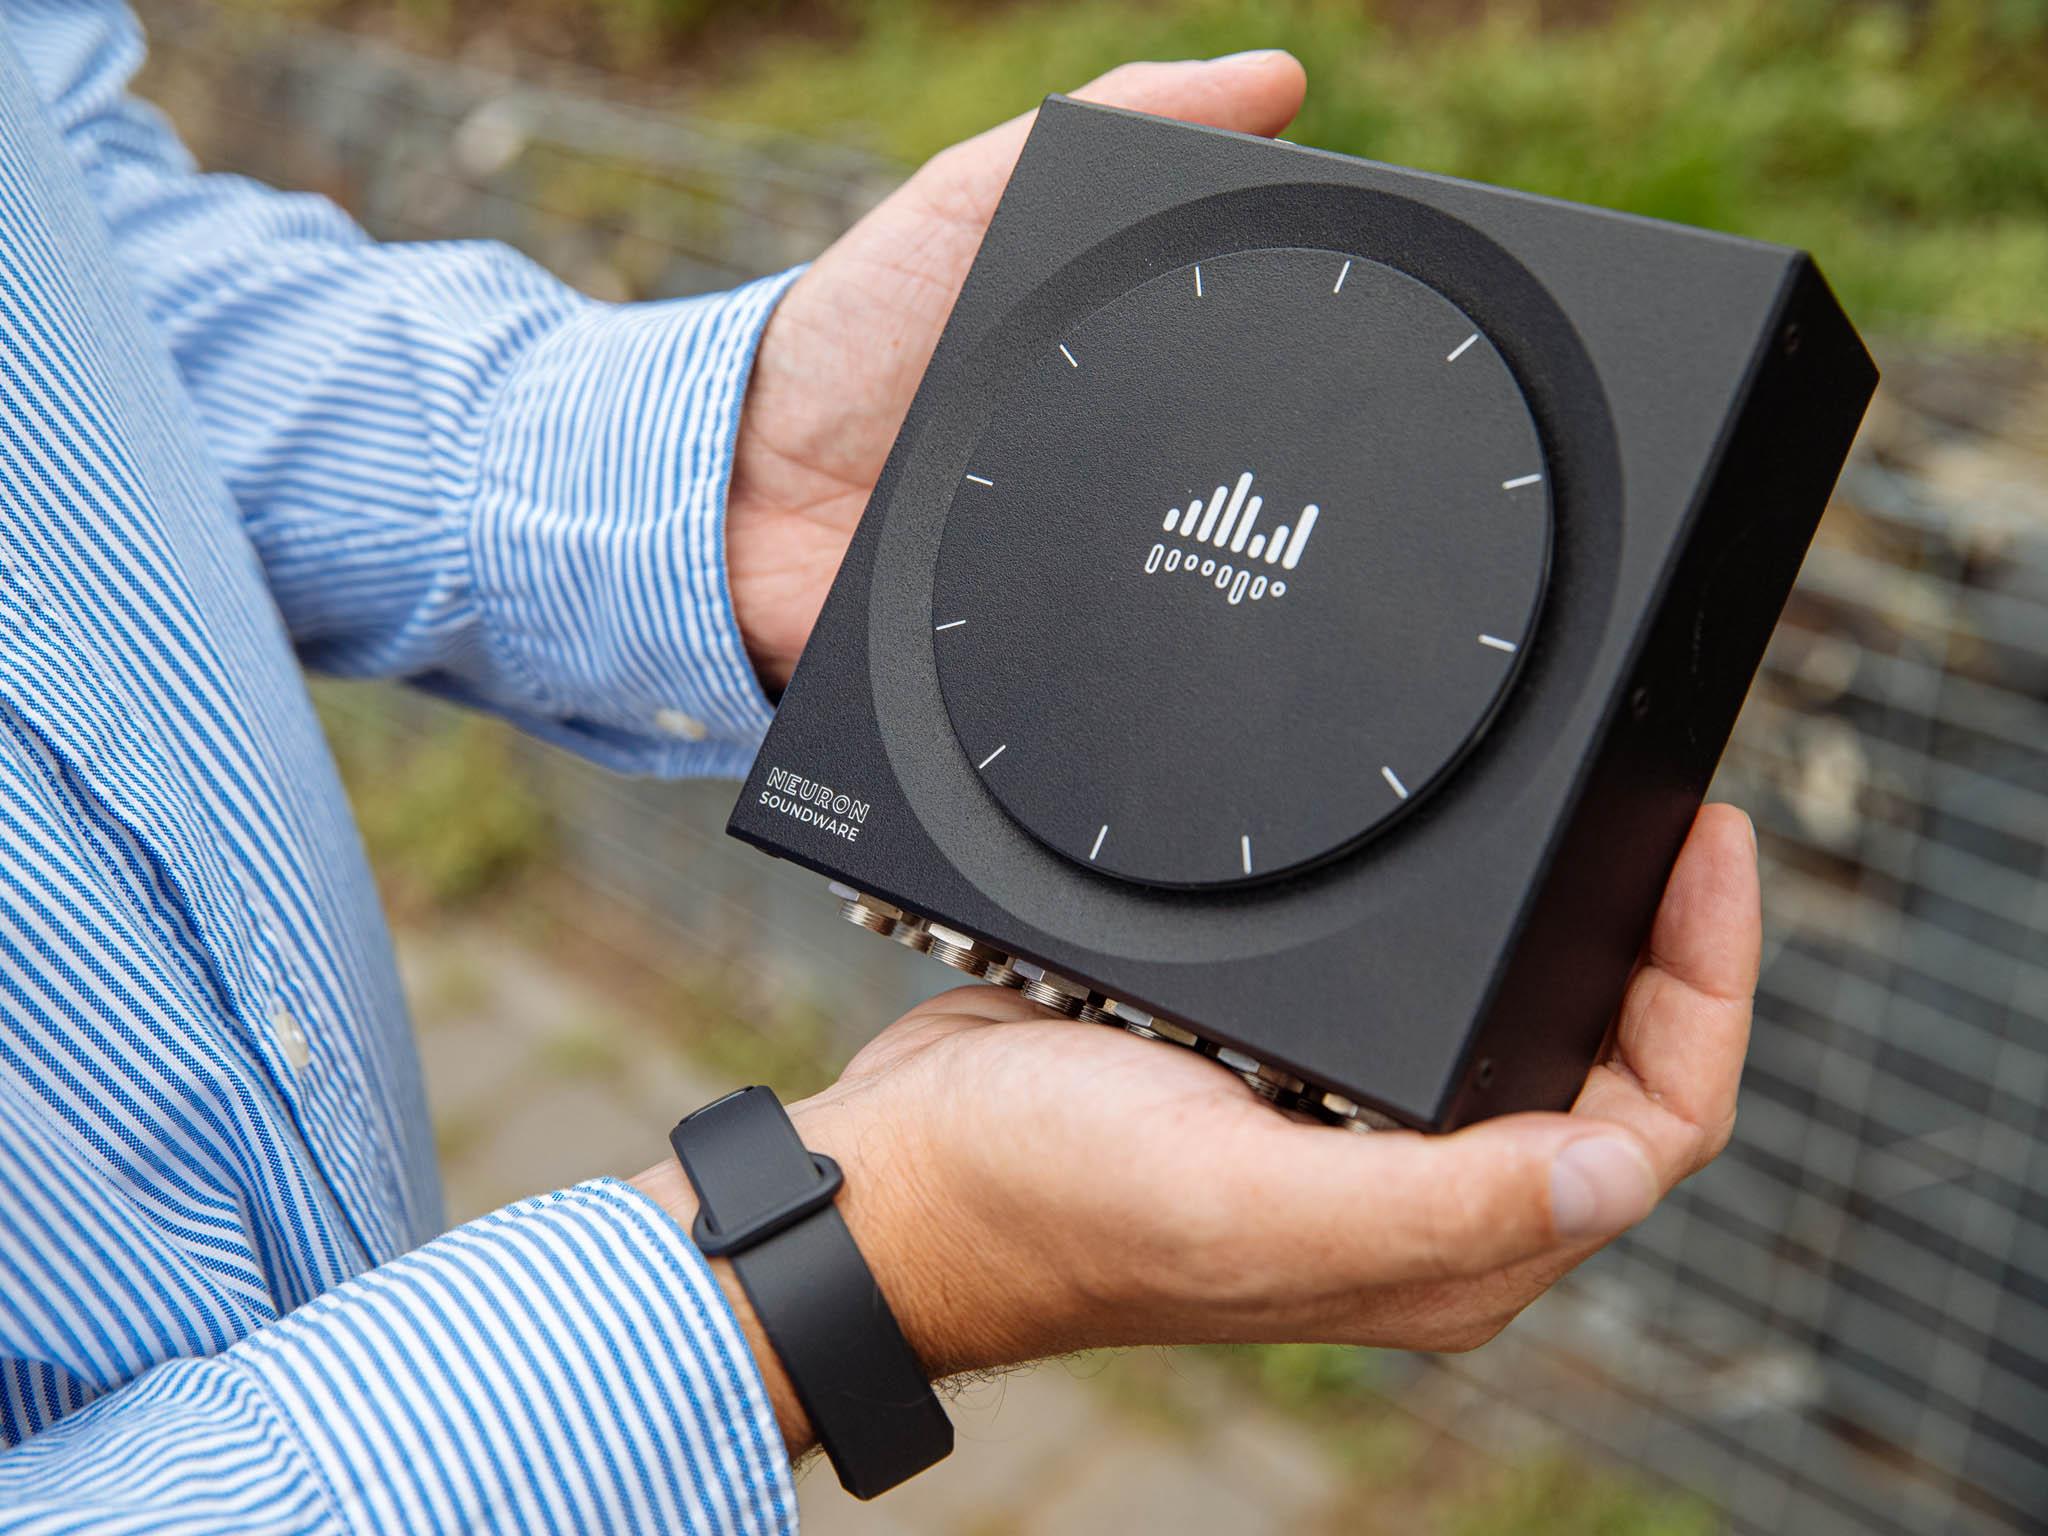 nBox slouží kpředpovídání poruch pomocí zvuků strojů. Měsíčně sbírá terabyty dat, které dokáže zpracovat namístě, bez připojení kinternetu. Představí se inastrojírenském veletrhu vBrně.